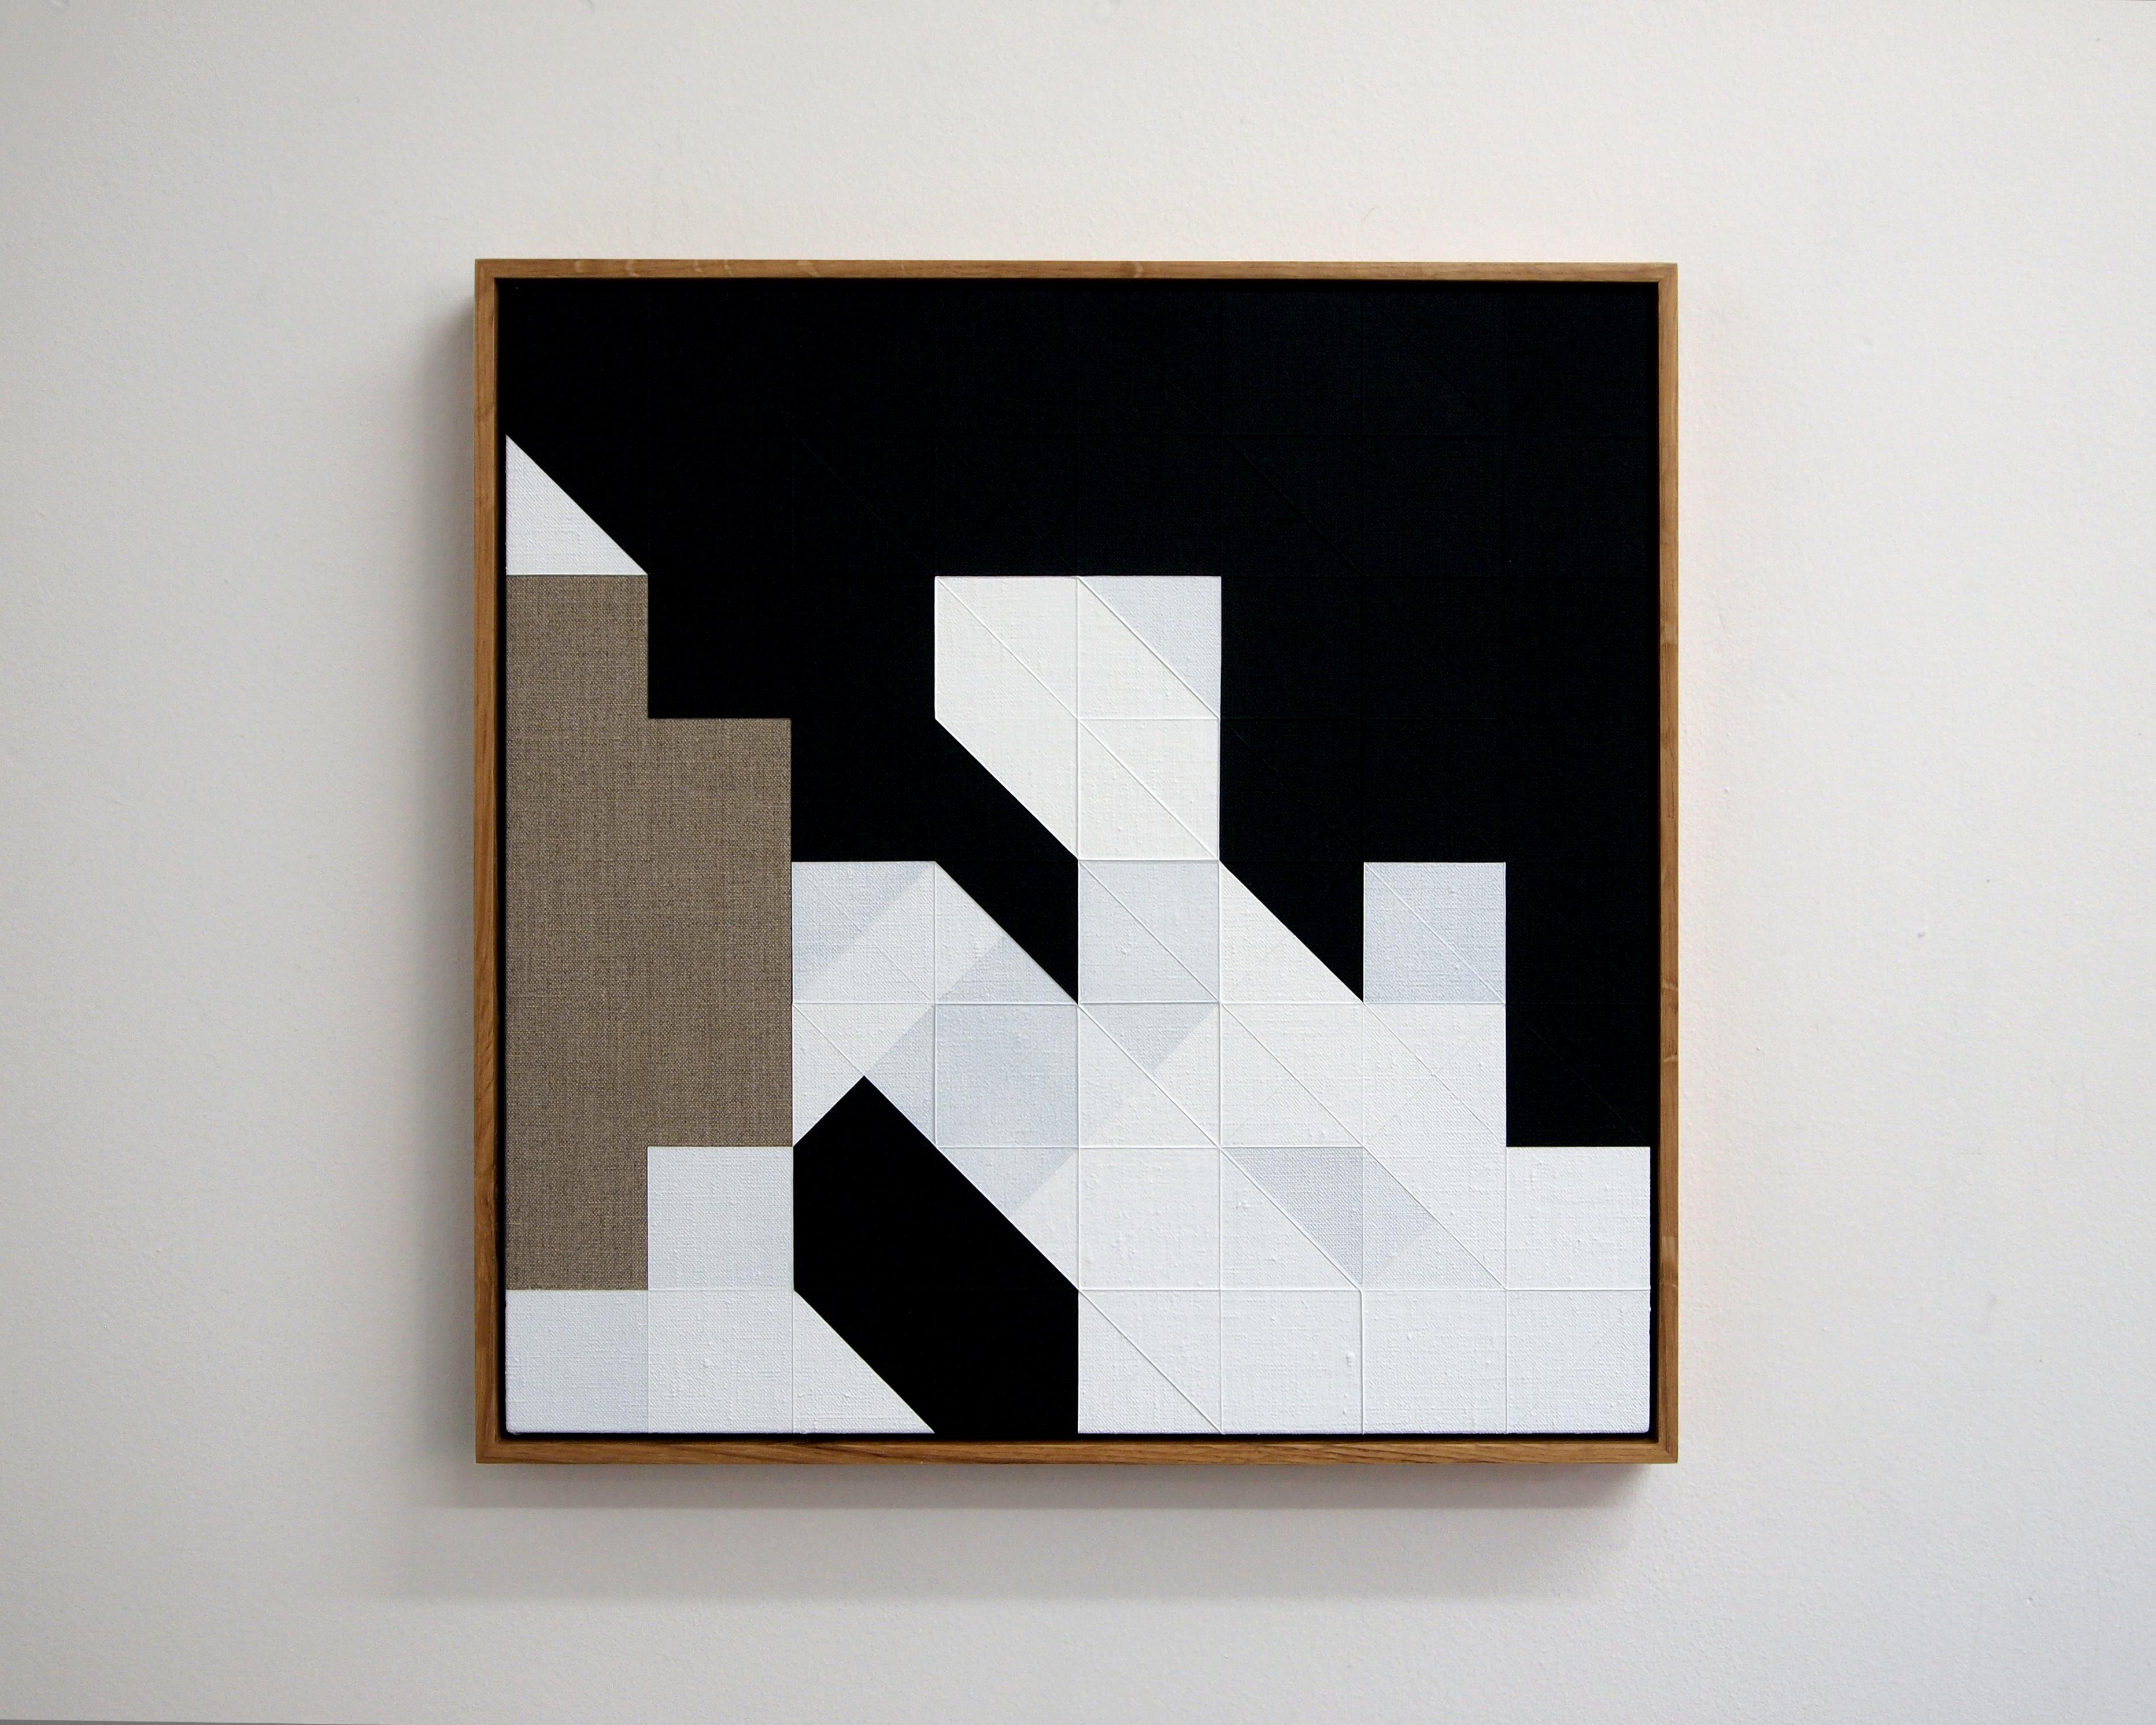 Galerie Benjamin Sebban